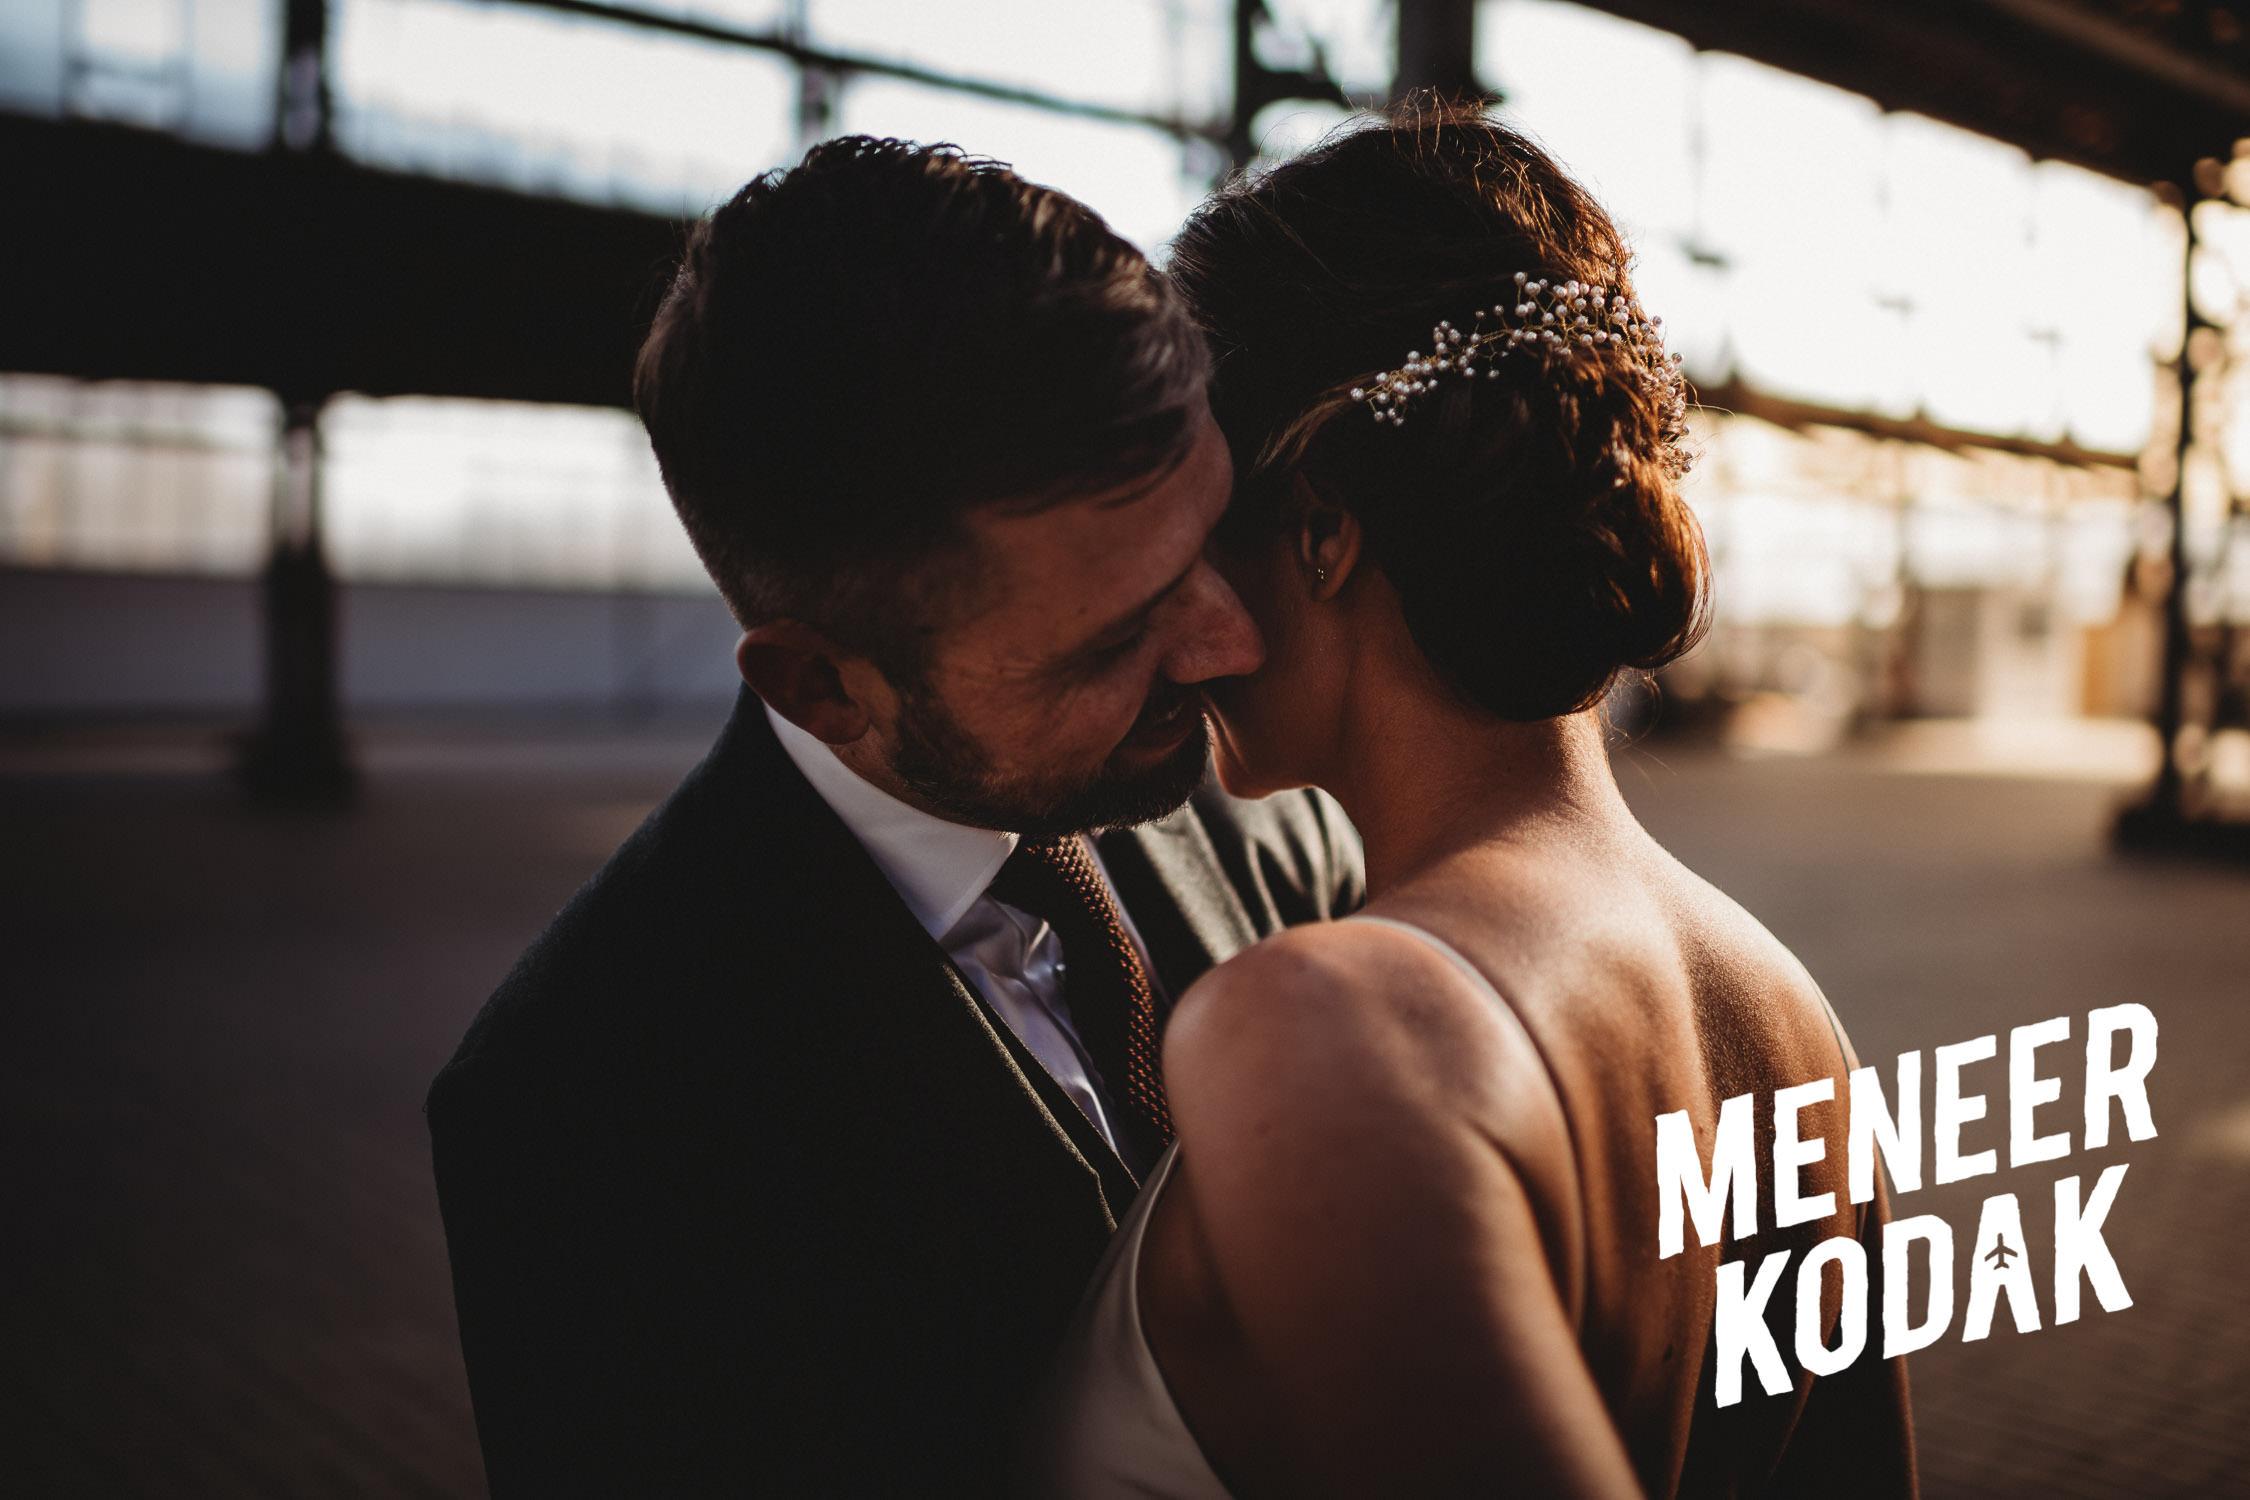 Meneer Kodak - Bruidsfotograaf - Breda - S&R-072.jpg